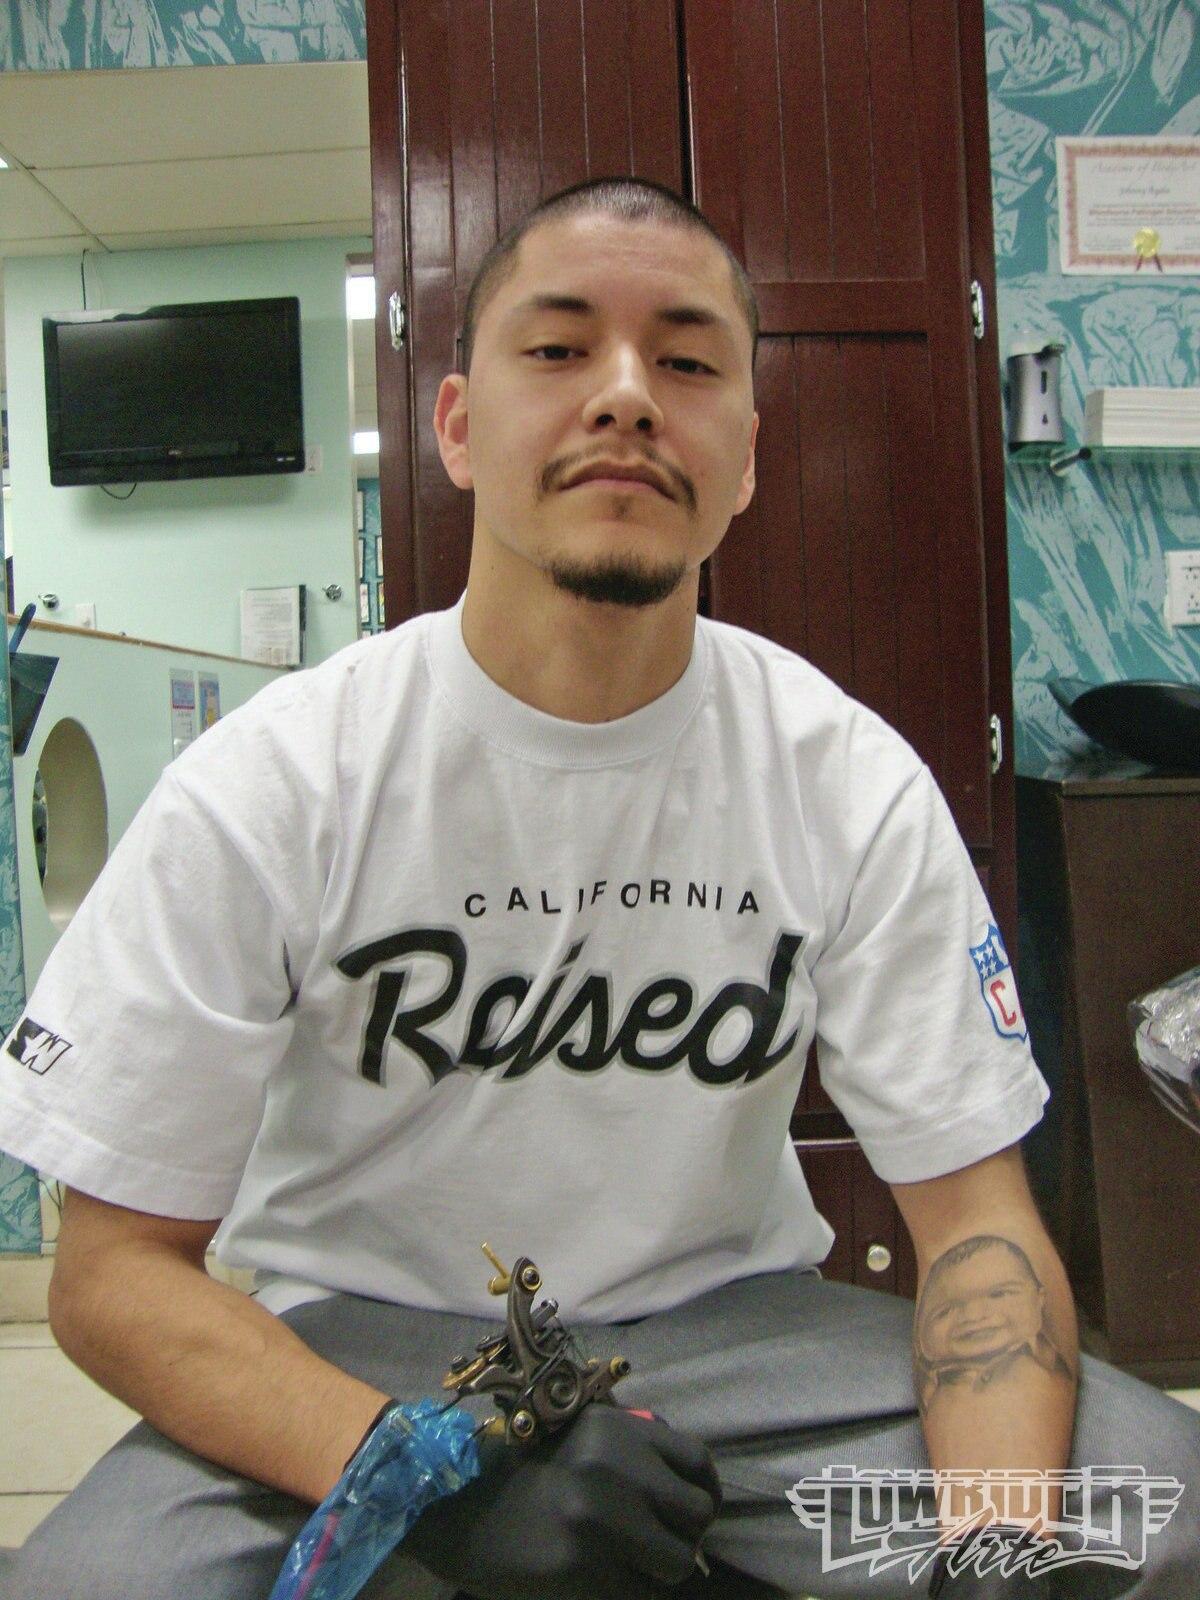 Johnny casino tattoos pico rivera harrisburg casino hollywood jobs